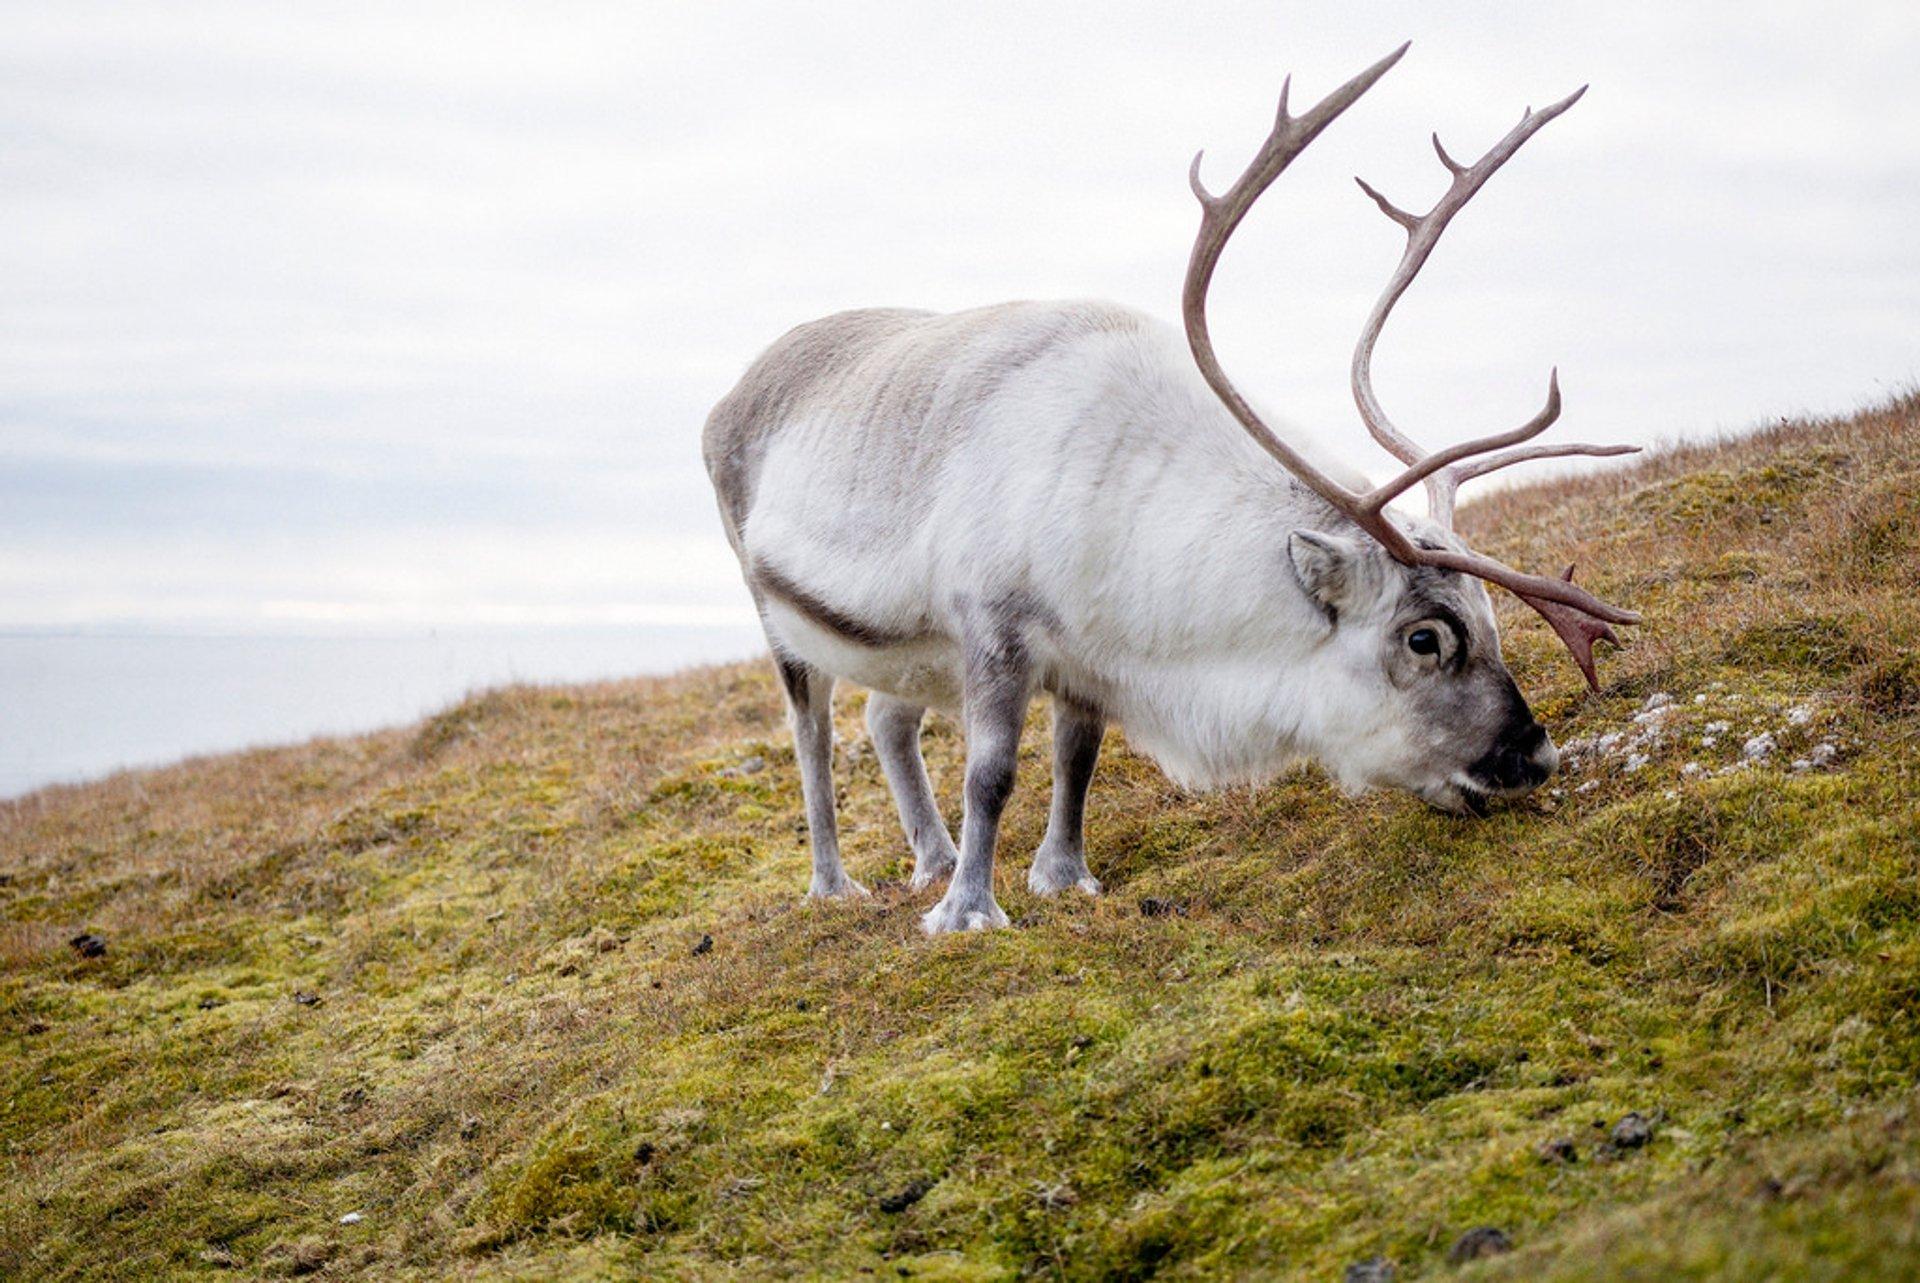 Reindeer in Svalbard 2019 - Best Time